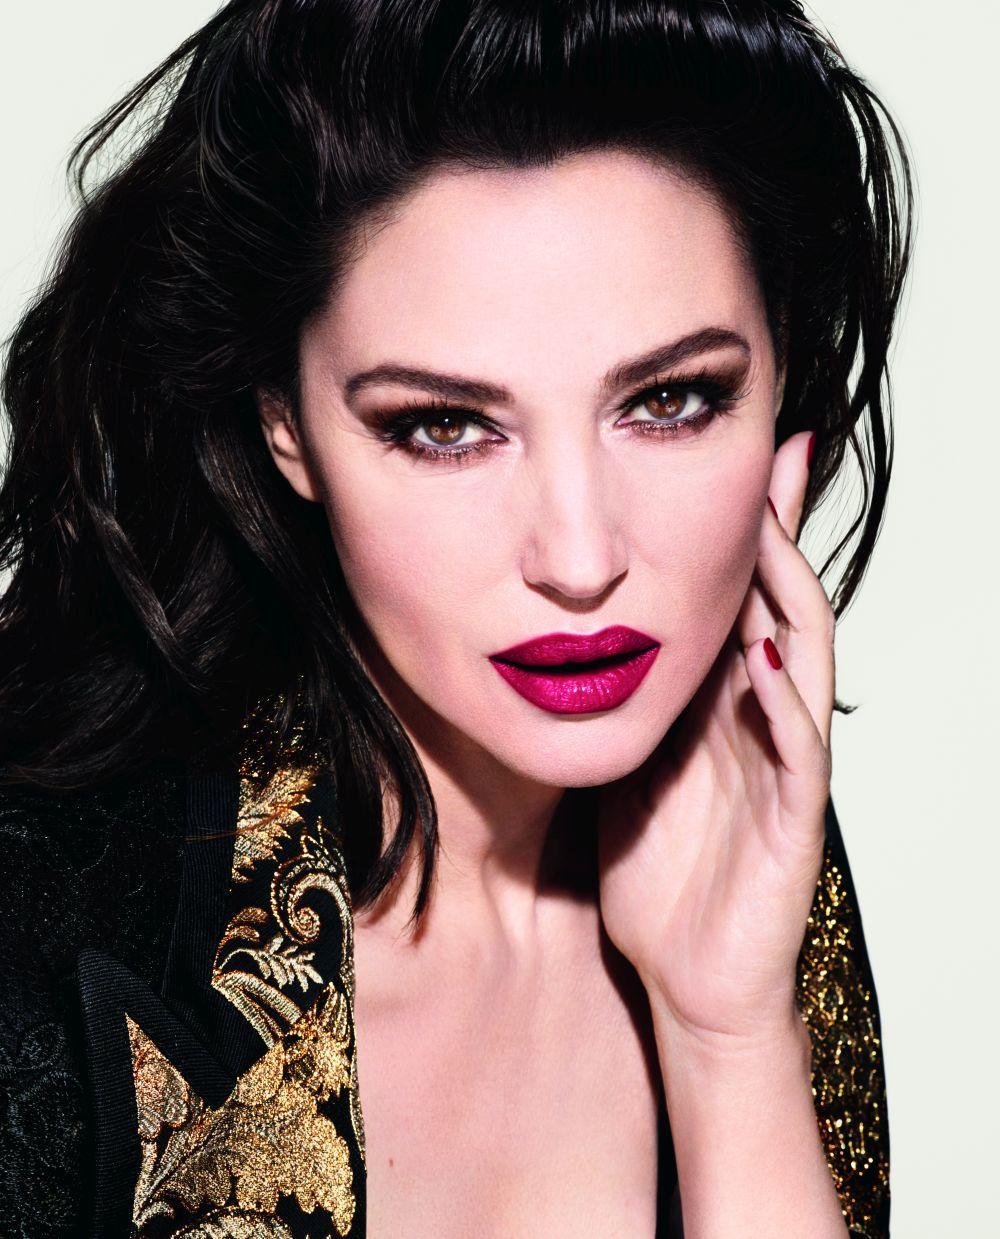 Monica, espectacula en la campaña del relanzamiento de la línea beauty de Dolce&Gabbana en 2019.